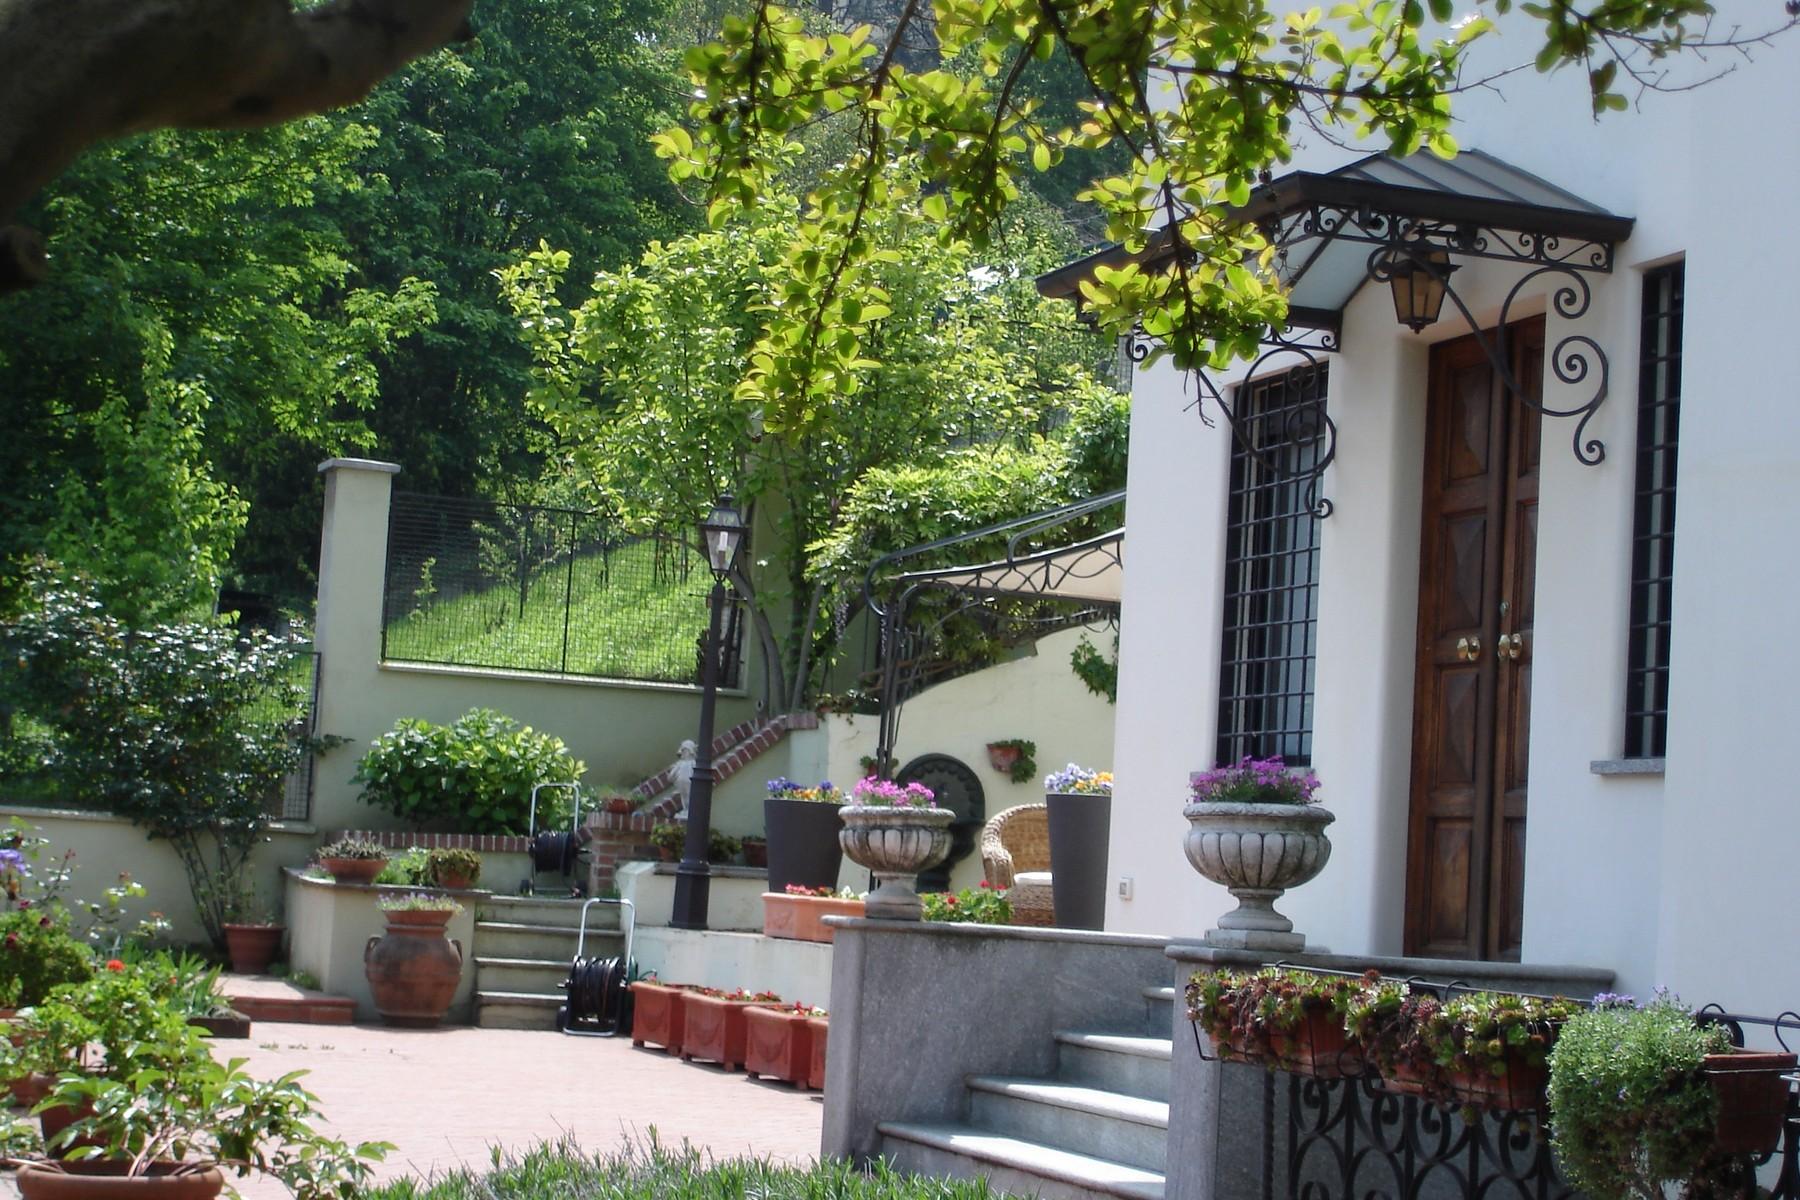 Maison unifamiliale pour l Vente à Beautiful family sized villa on the first hill of the city Viale Venticinque Aprile Torino, Turin 10133 Italie